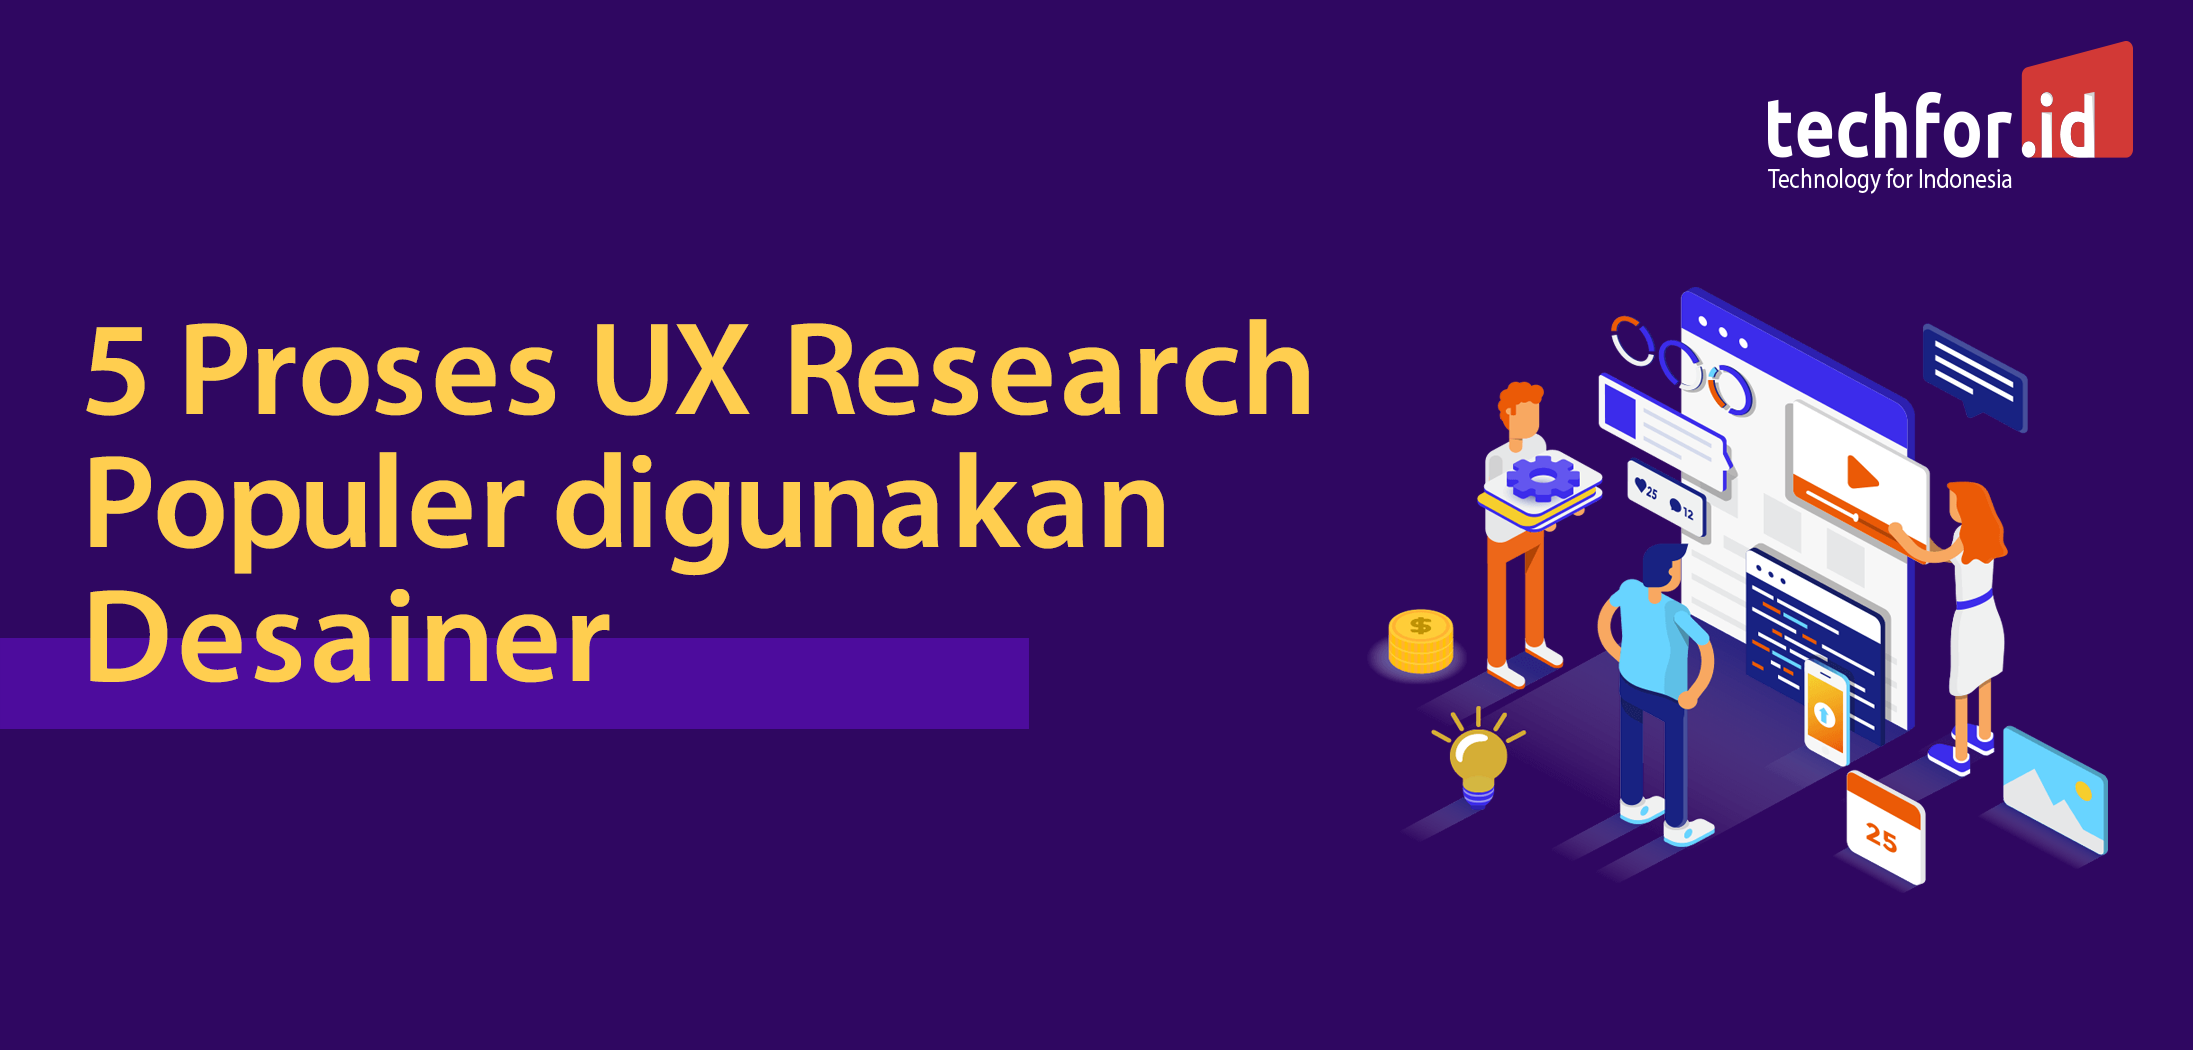 5 Proses UX Research Populer digunakan Desainer